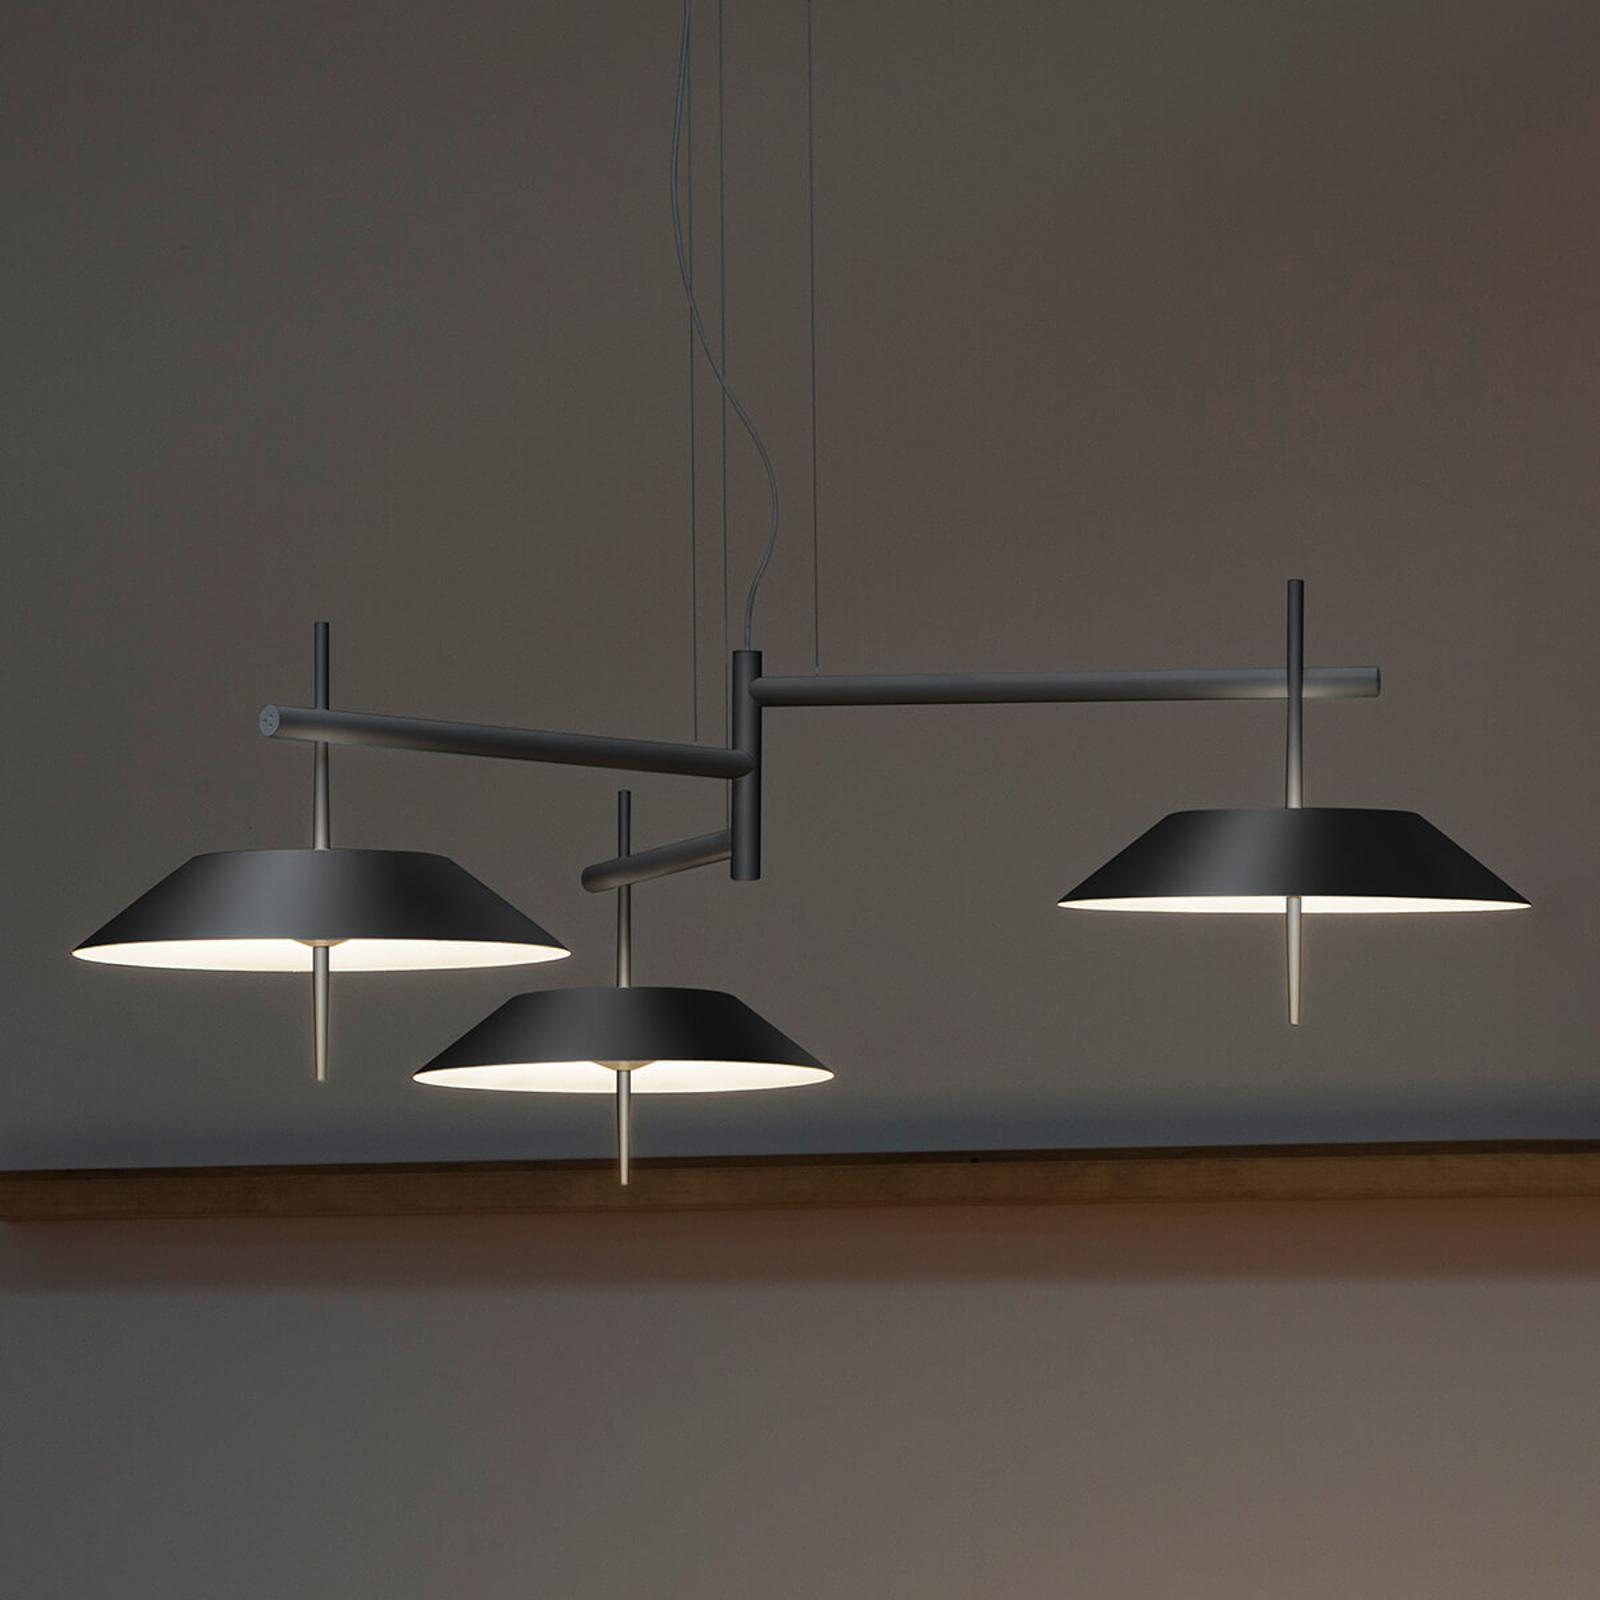 Grafiitinharmaa LED-riippuvalo Mayfair, 3-lamp.